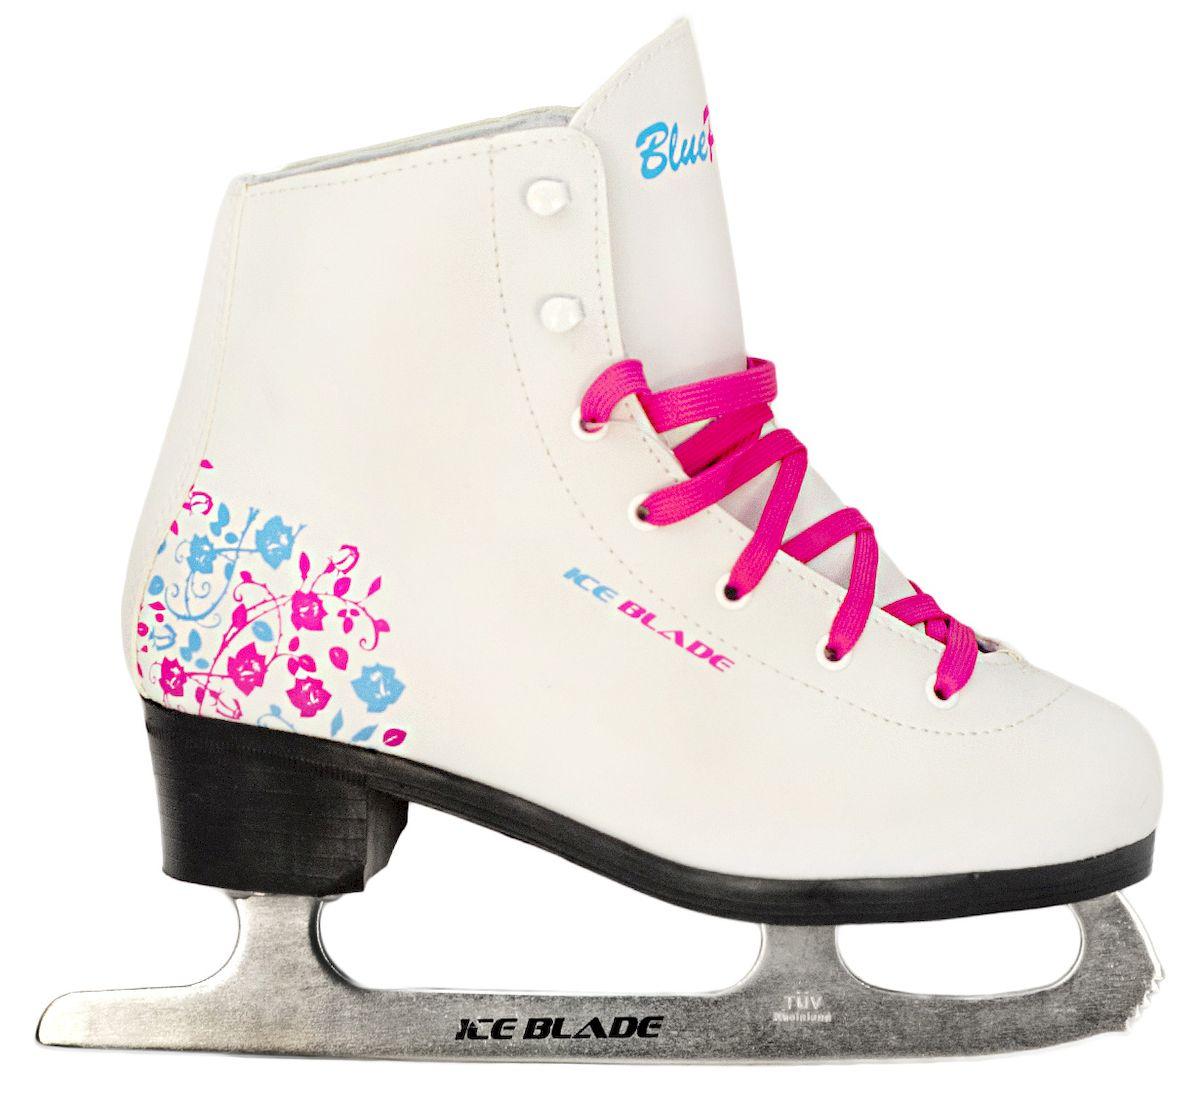 Коньки фигурные Ice Blade BluePink, цвет: белый, розовый, голубой. УТ-00006869. Размер 33PW-221Коньки фигурные Ice Blade BluePink предназначены для любительского фигурного катания. Яркий и нестандартный дизайн модели BluePink совмещает голубой и розовый цвет. Более того, в комплекте помимо розовых шнурков идет пара голубых, пусть каждая любительница катания на коньках выберет для себя, какой цвет ей больше по душе.Ботинок анатомической конструкции выполнен из высококачественной искусственной кожи, покрытой полиуретаном, защищающим от влаги. Внутренняя набивка из специального материала, комфортно адаптирующегося к форме ноги. Внутренняя отделка из мягкого вельвета.Лезвия изготовлены из высокоуглеродистой стали, сертифицированной TUV Rheiland. Коньки поставляются с заводской заточкой лезвия, что позволяет сразу приступить к катанию, не тратя время и денег на заточку. Коньки подходят для использования на открытом и закрытом льду.